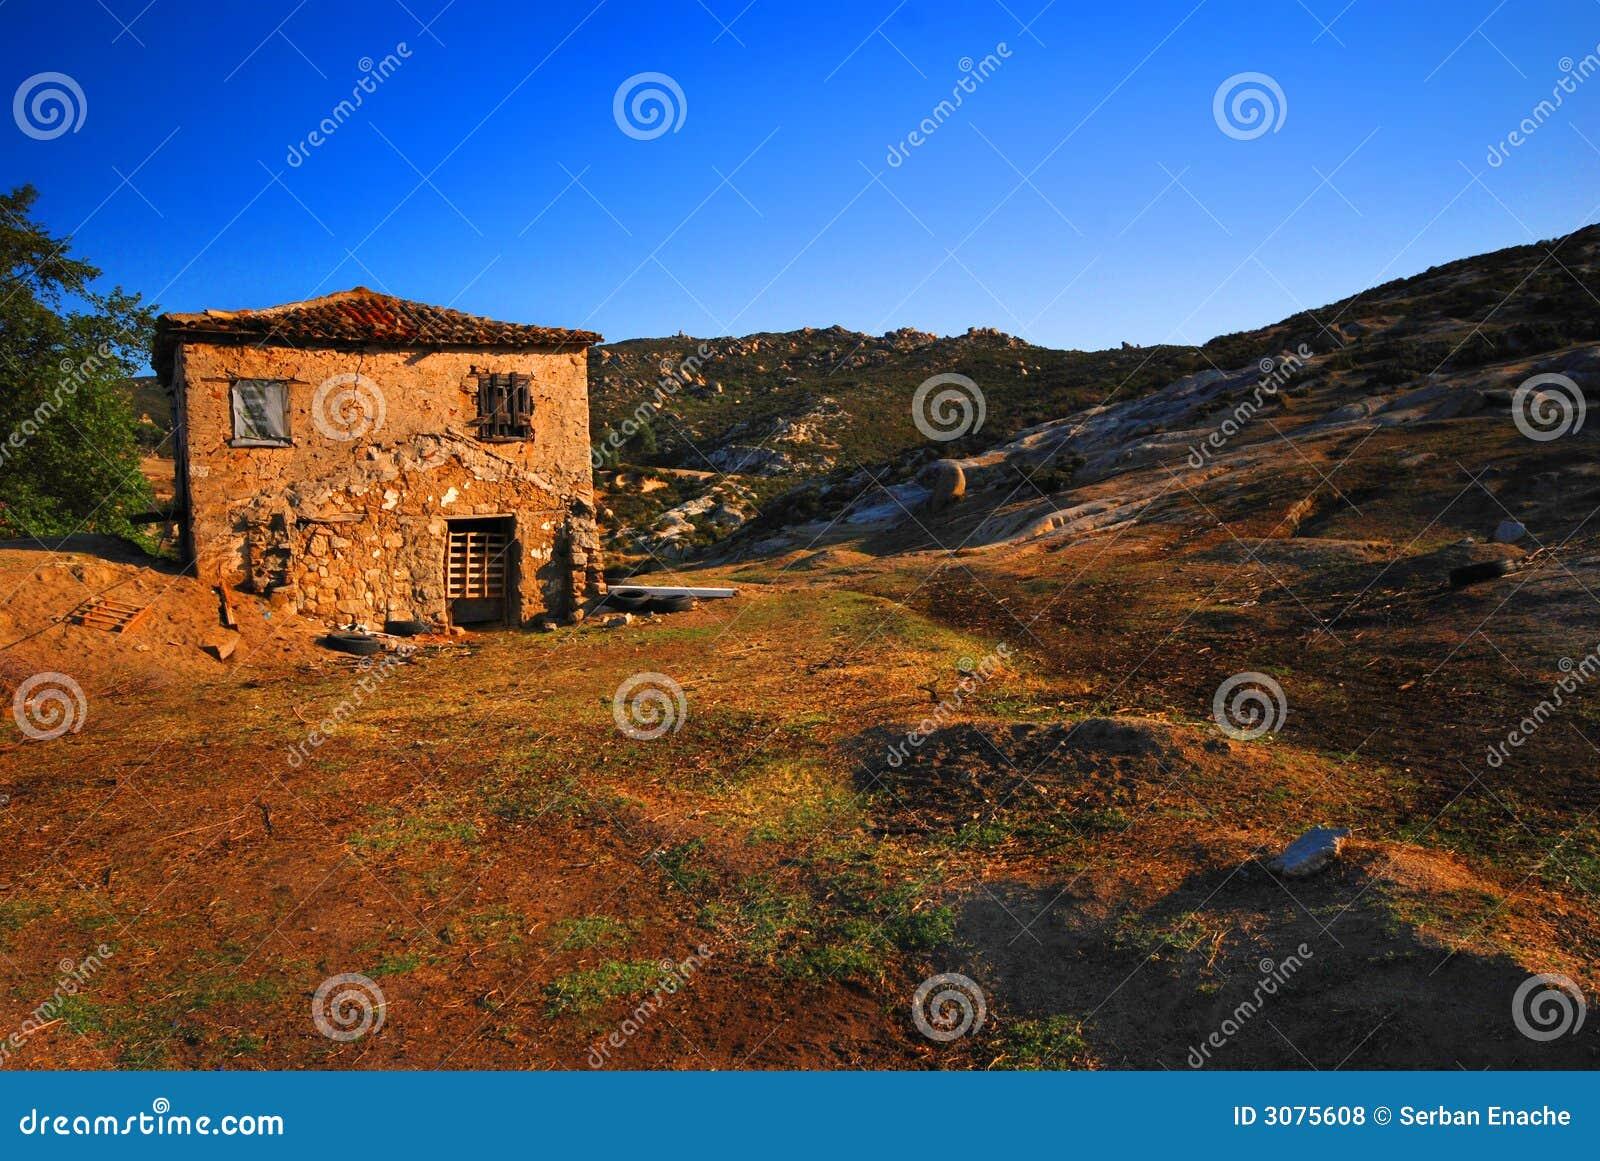 Maison abandonnée de ferme en Grèce